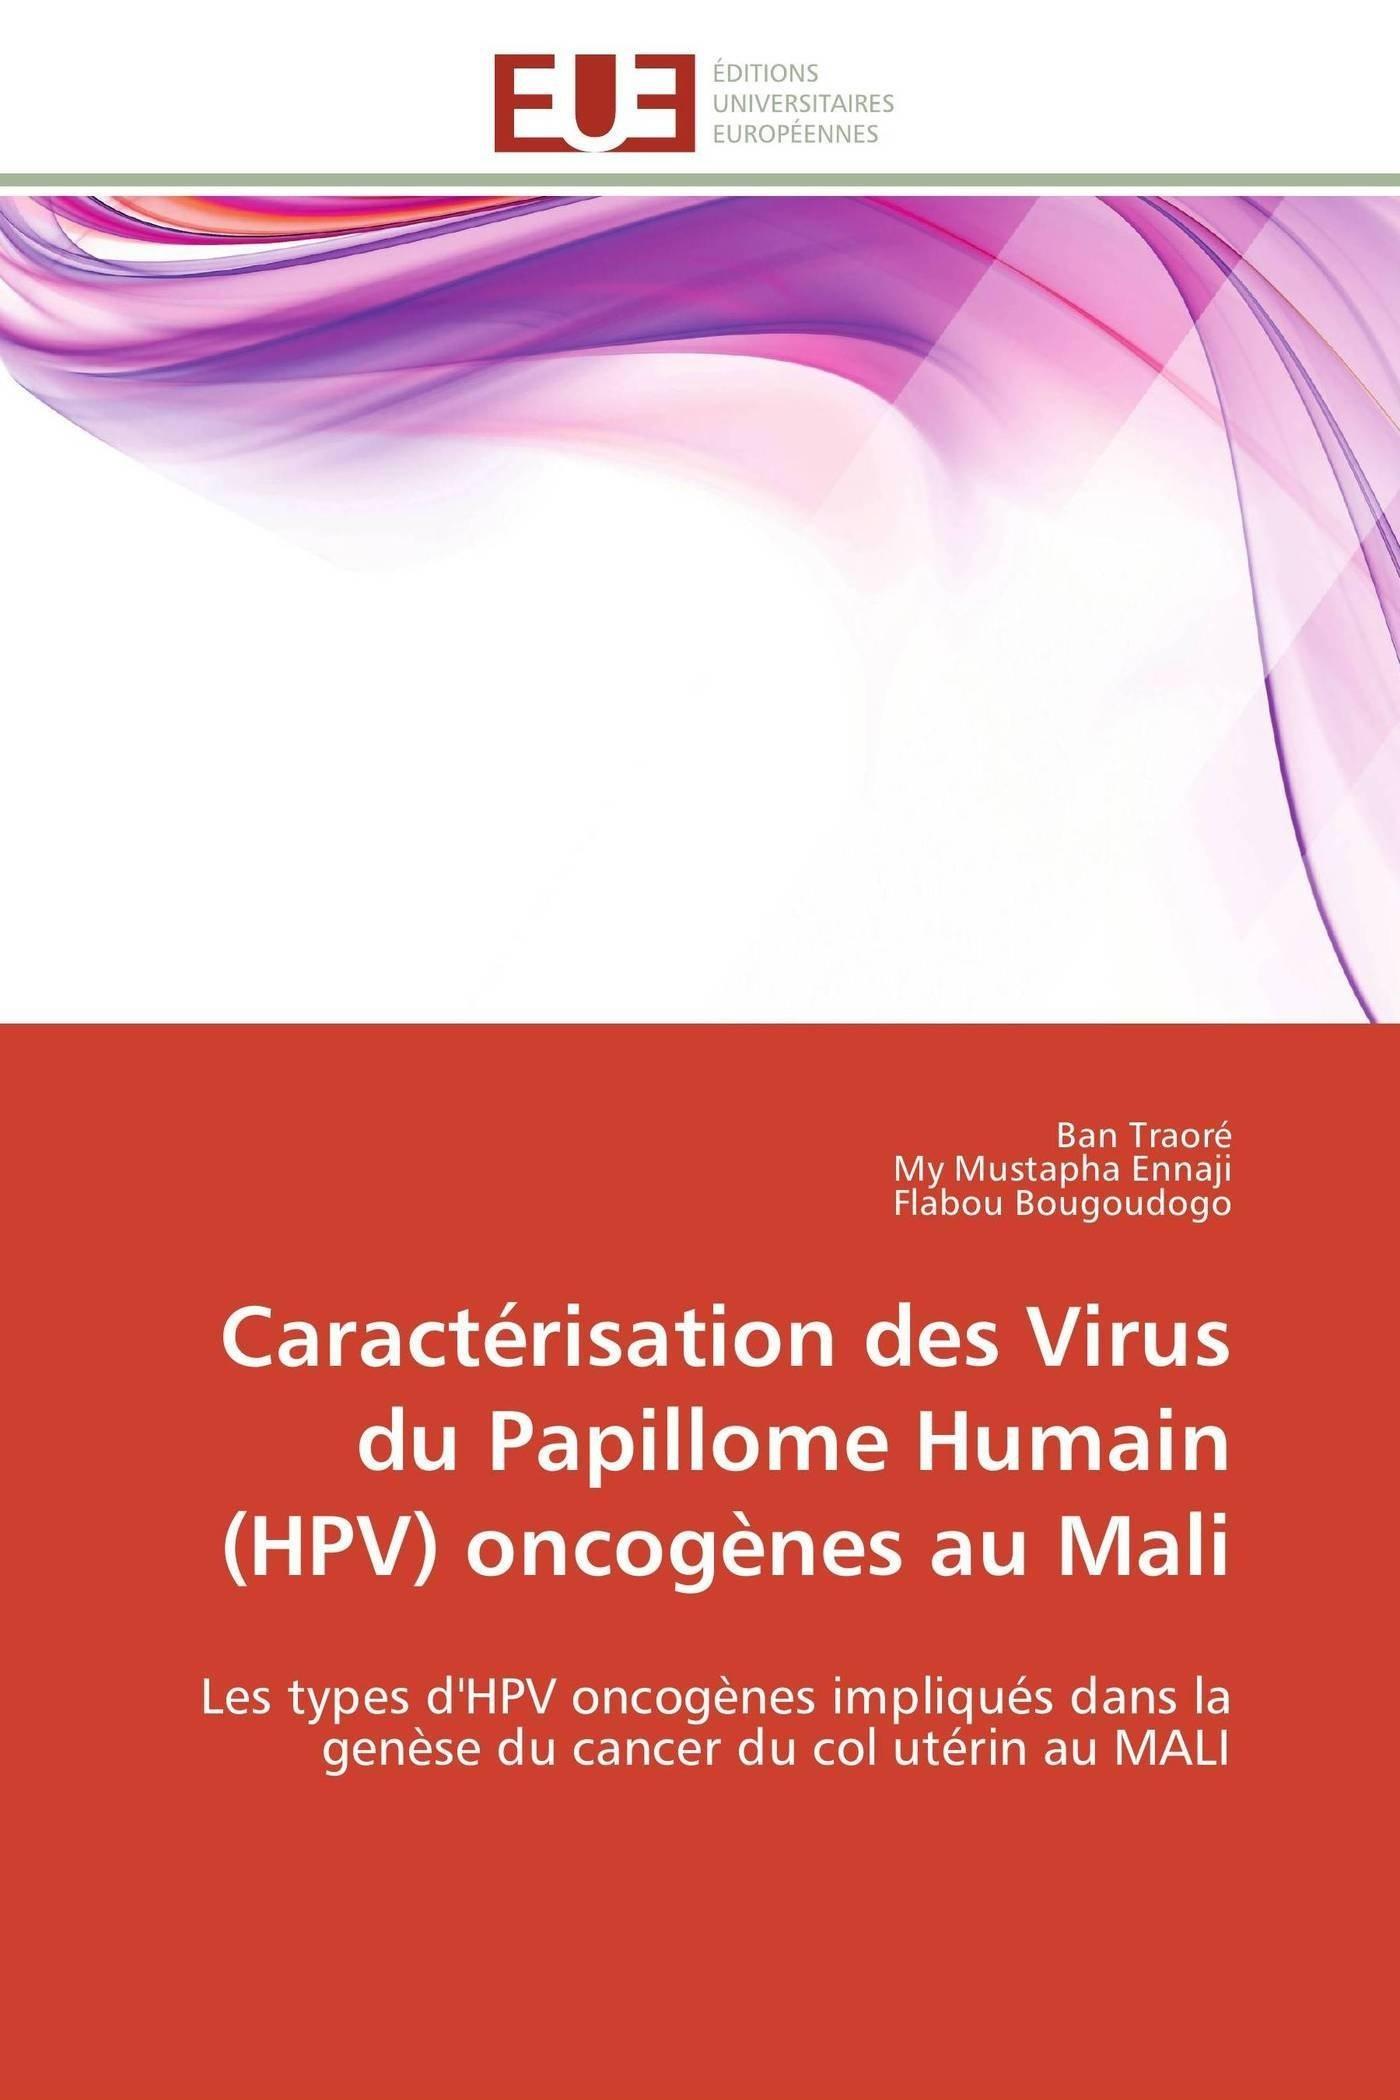 cause du papillomavirus humain